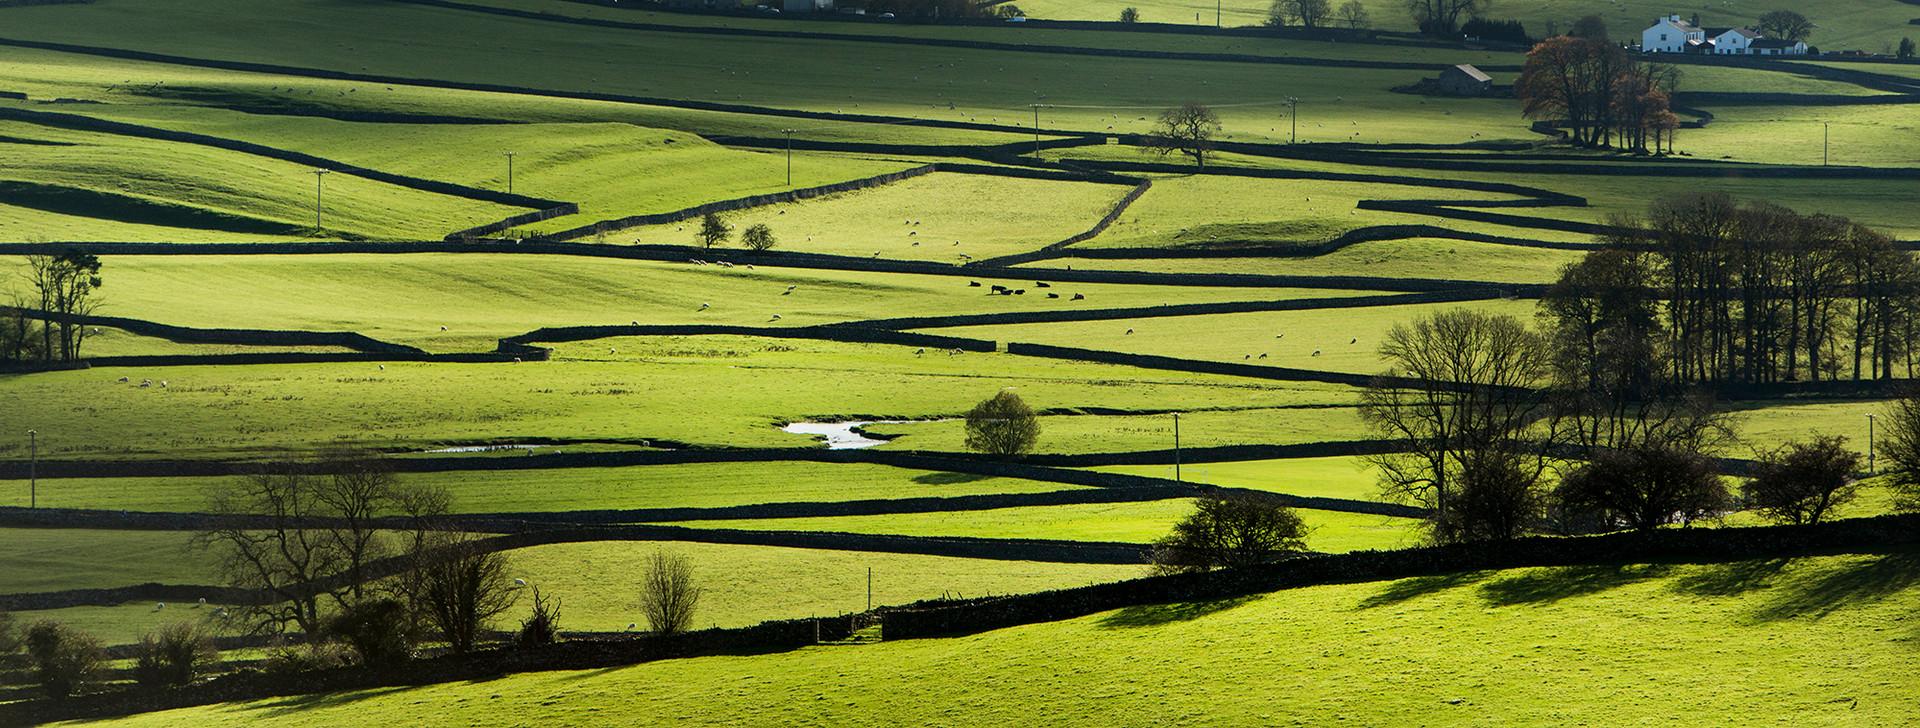 Sunlit Dales Landscape